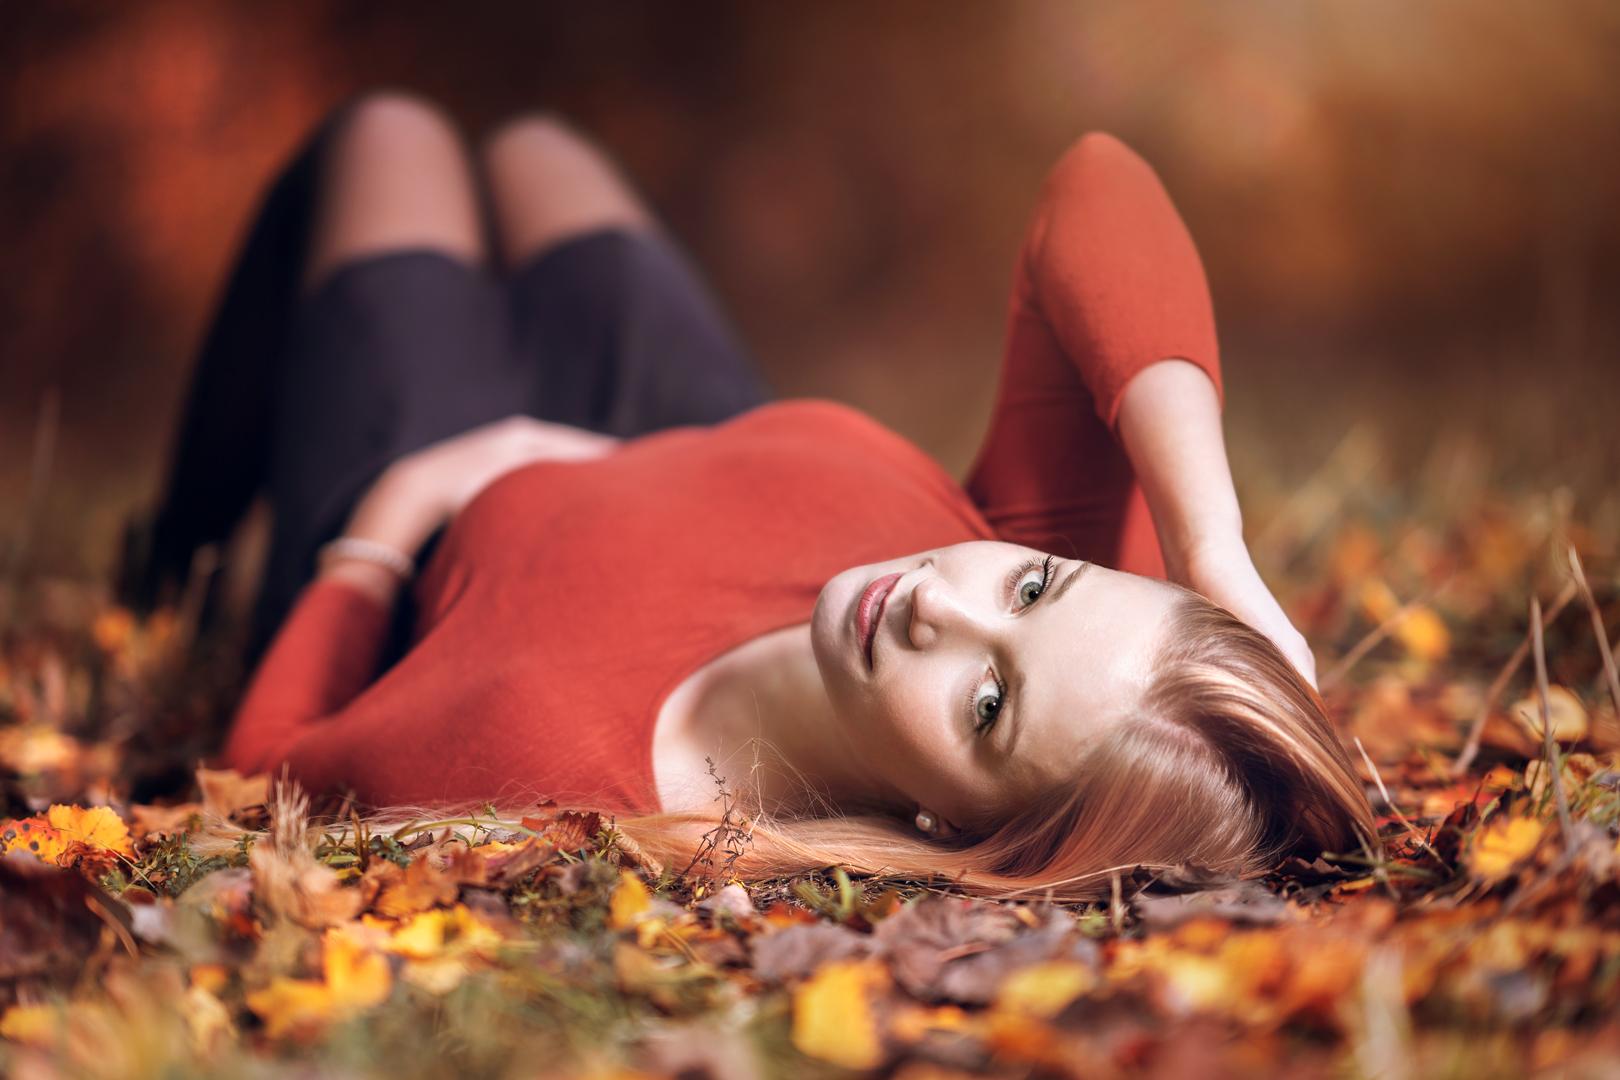 Fotoshooting Mädchen in Herbstlicher Umgebung bei Coburg